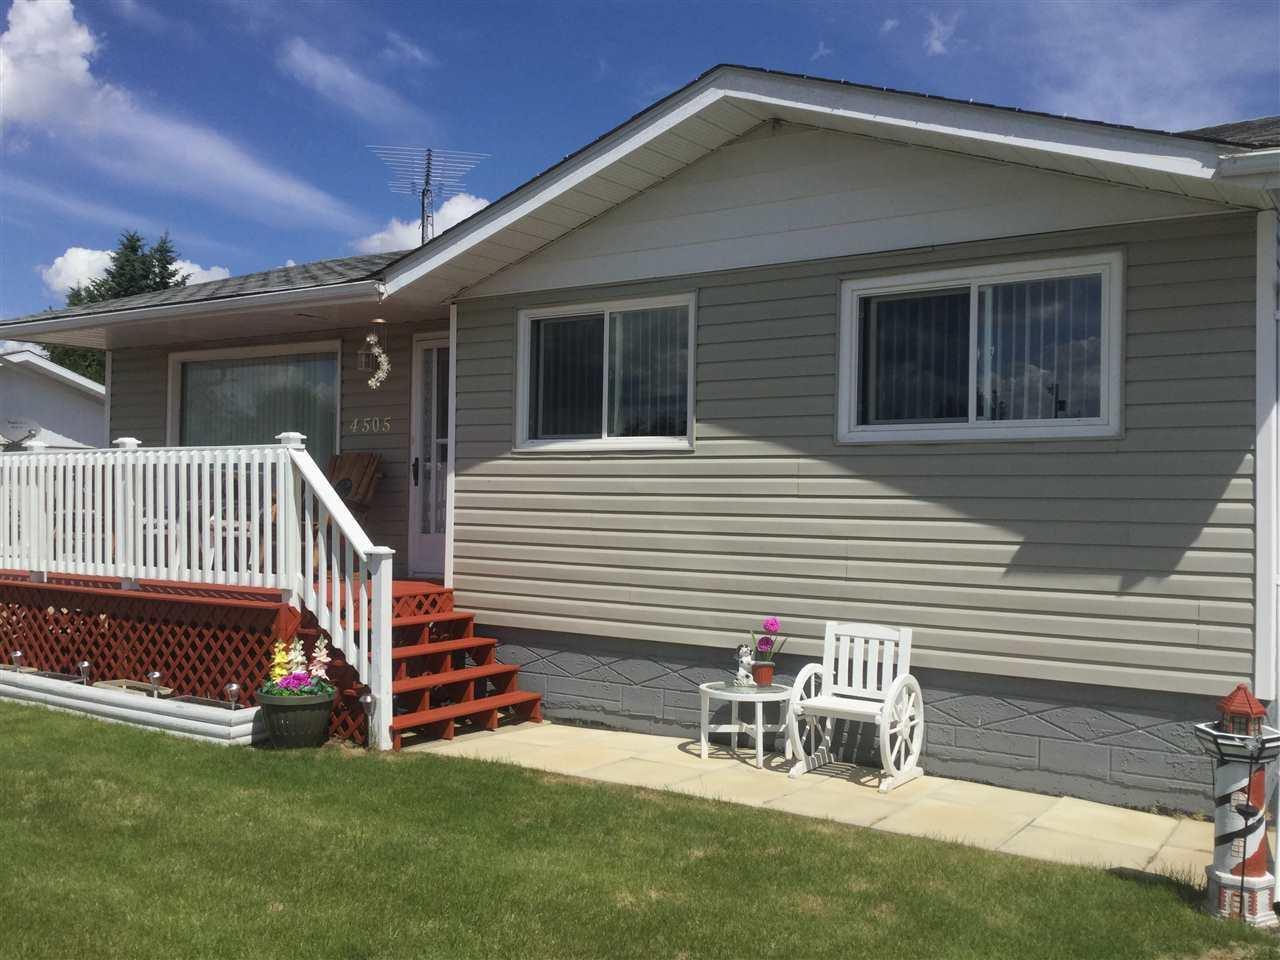 4505 51 St, Smoky Lake Town, Alberta  T0A 3C0 - Photo 1 - E4116221